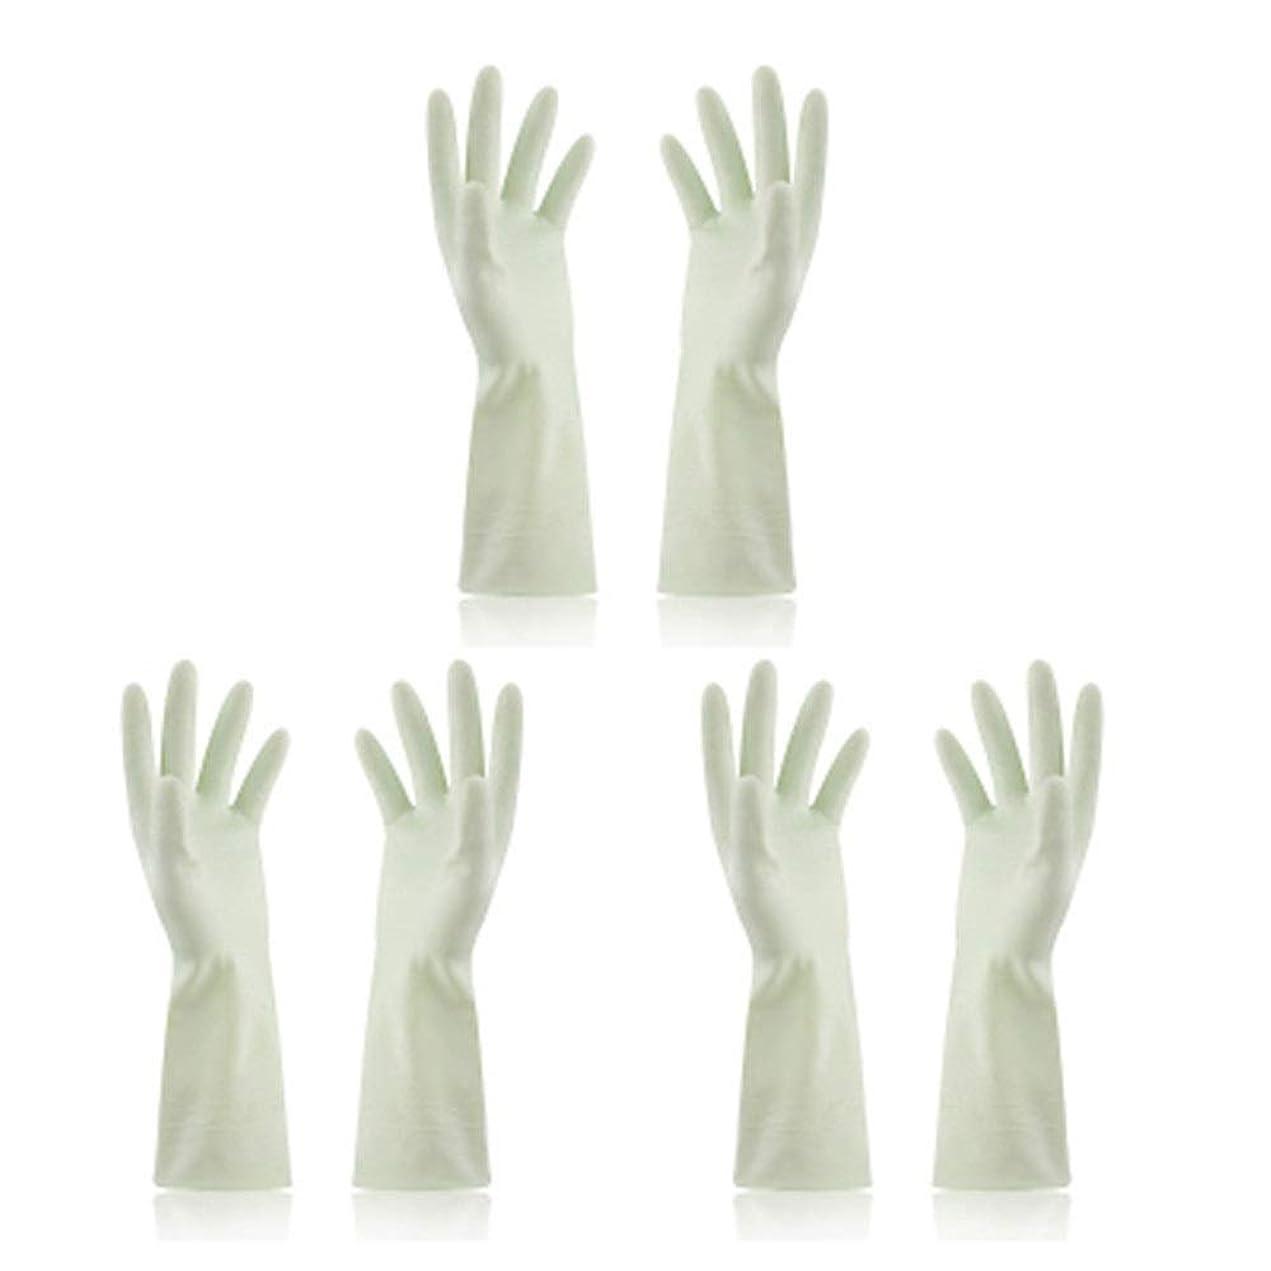 素人戸惑うおもちゃBTXXYJP キッチン用手袋 手袋 食器洗い 炊事 作業 食器洗い 掃除 園芸 洗車 防水 防油 手袋 (Color : Green, Size : M)